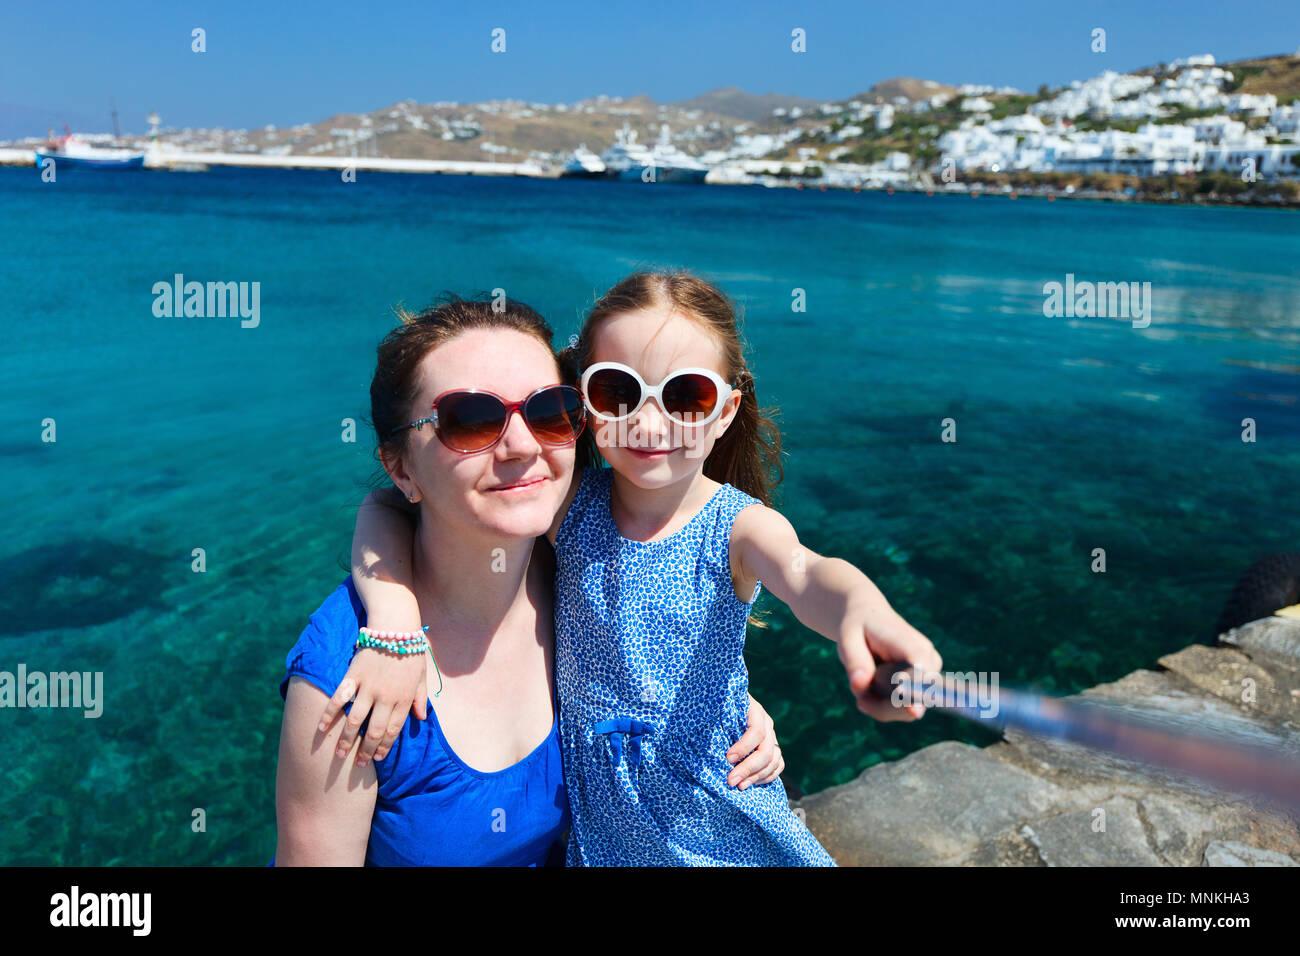 Famille heureuse mère et son adorable petite fille en vacances en tenant un bâton avec selfies sur l'île de Mykonos, Grèce Photo Stock